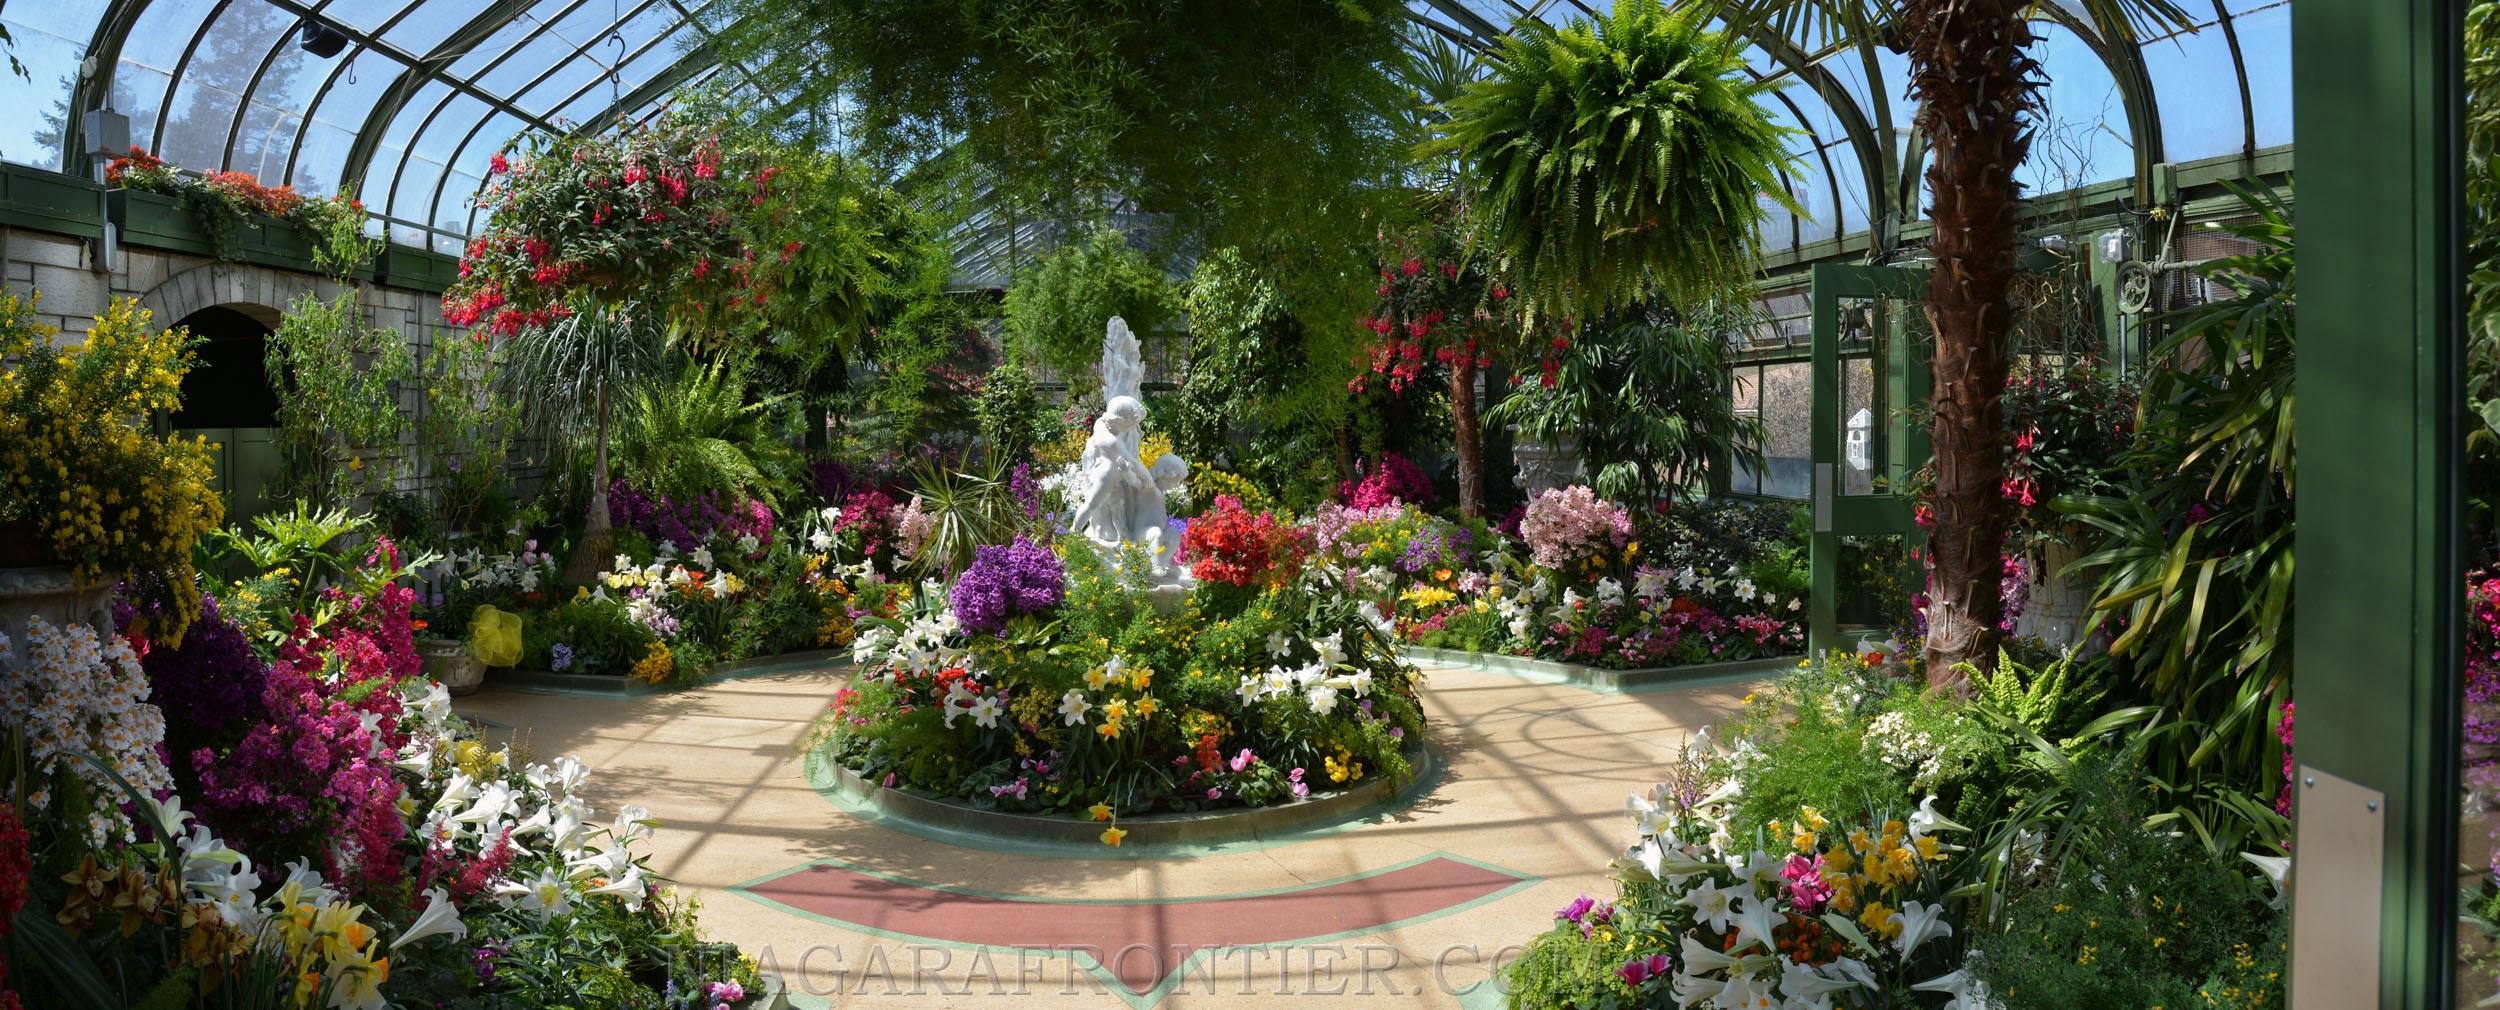 Niagara Falls Hd 1080p Wallpapers Niagara Falls Floral Showhouse Greenhouse